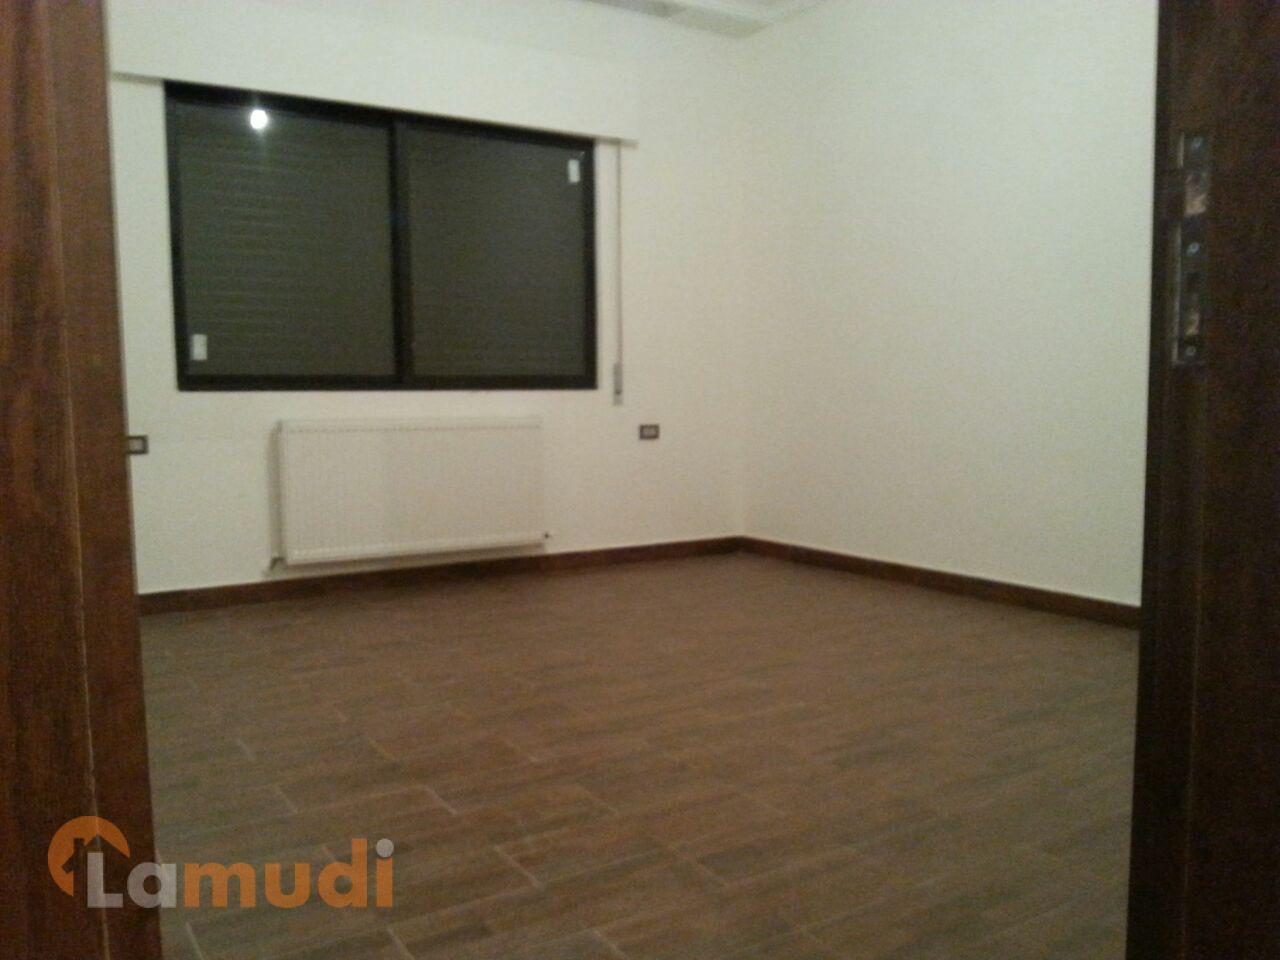 شقة197م مع روف وترسات 150م لم تسكن خلف سيفوي الجبيهه للبيع من المالك مباشرة